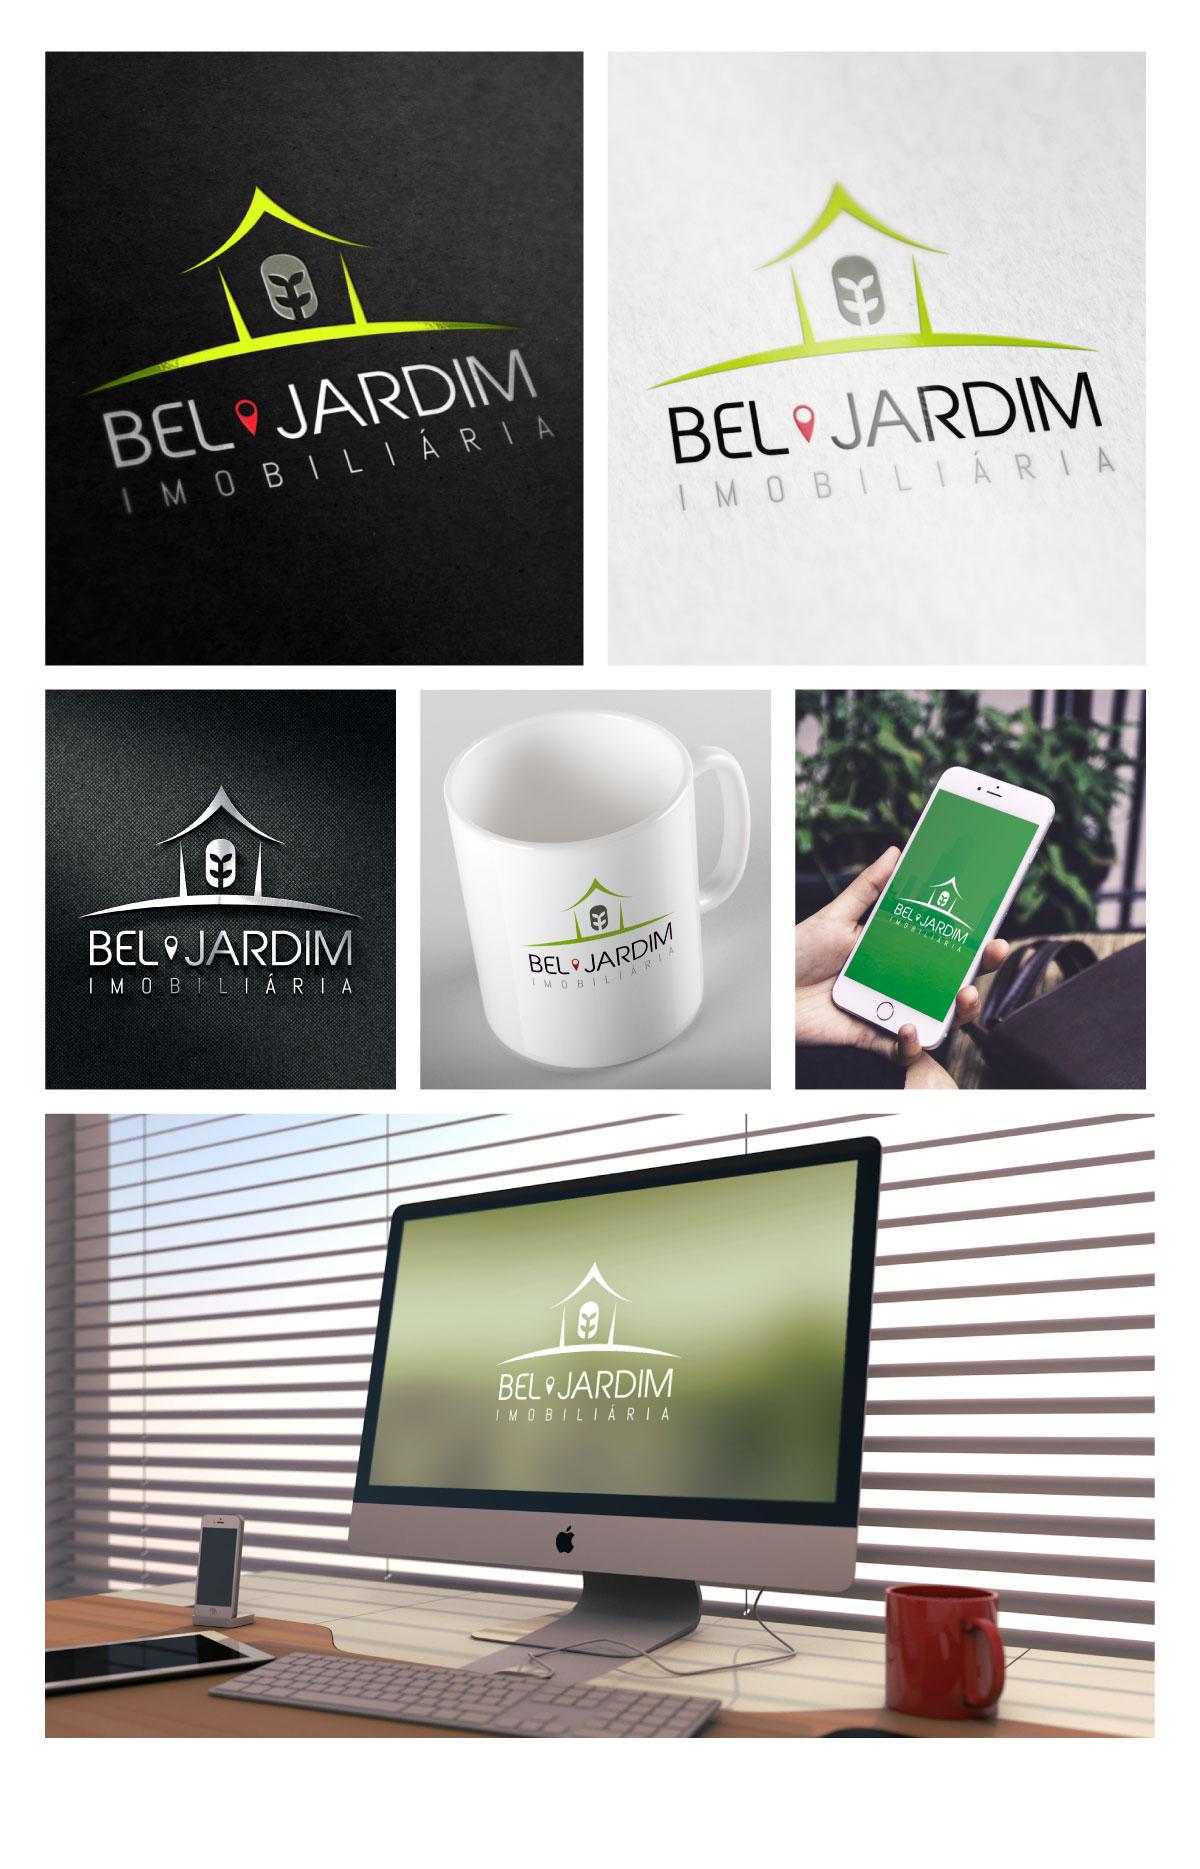 imobiliaria-portfolio-identidade-visual-website-2